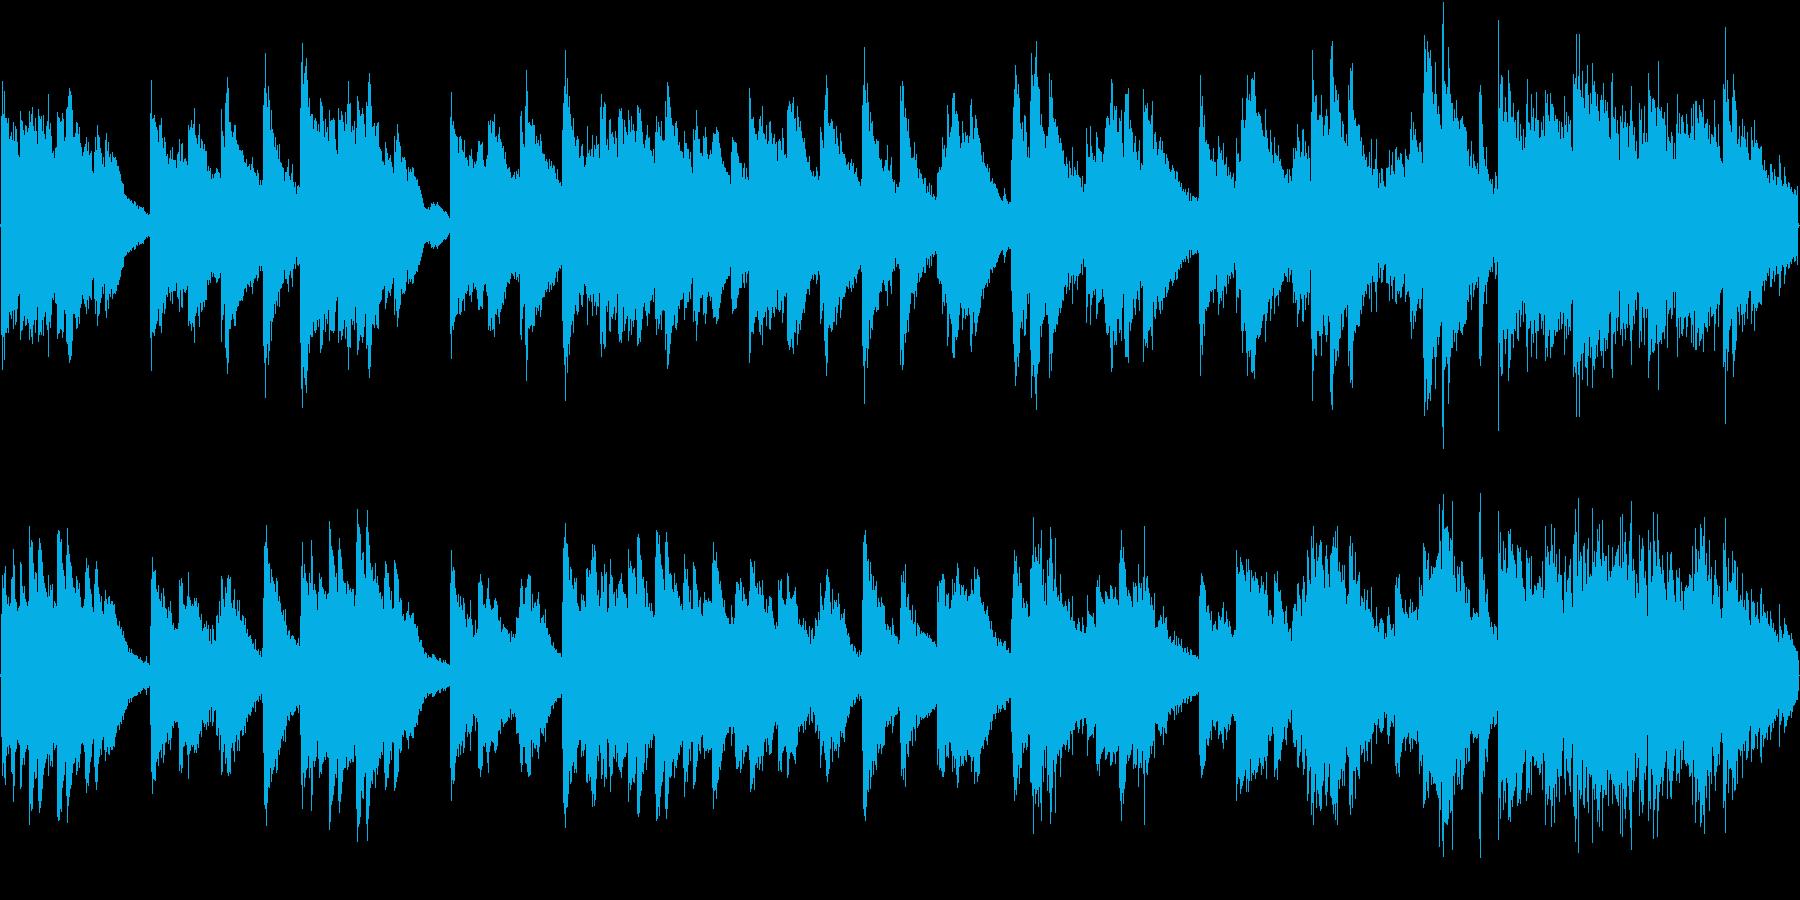 暗い雰囲気のピアノソロ曲(ループ)の再生済みの波形